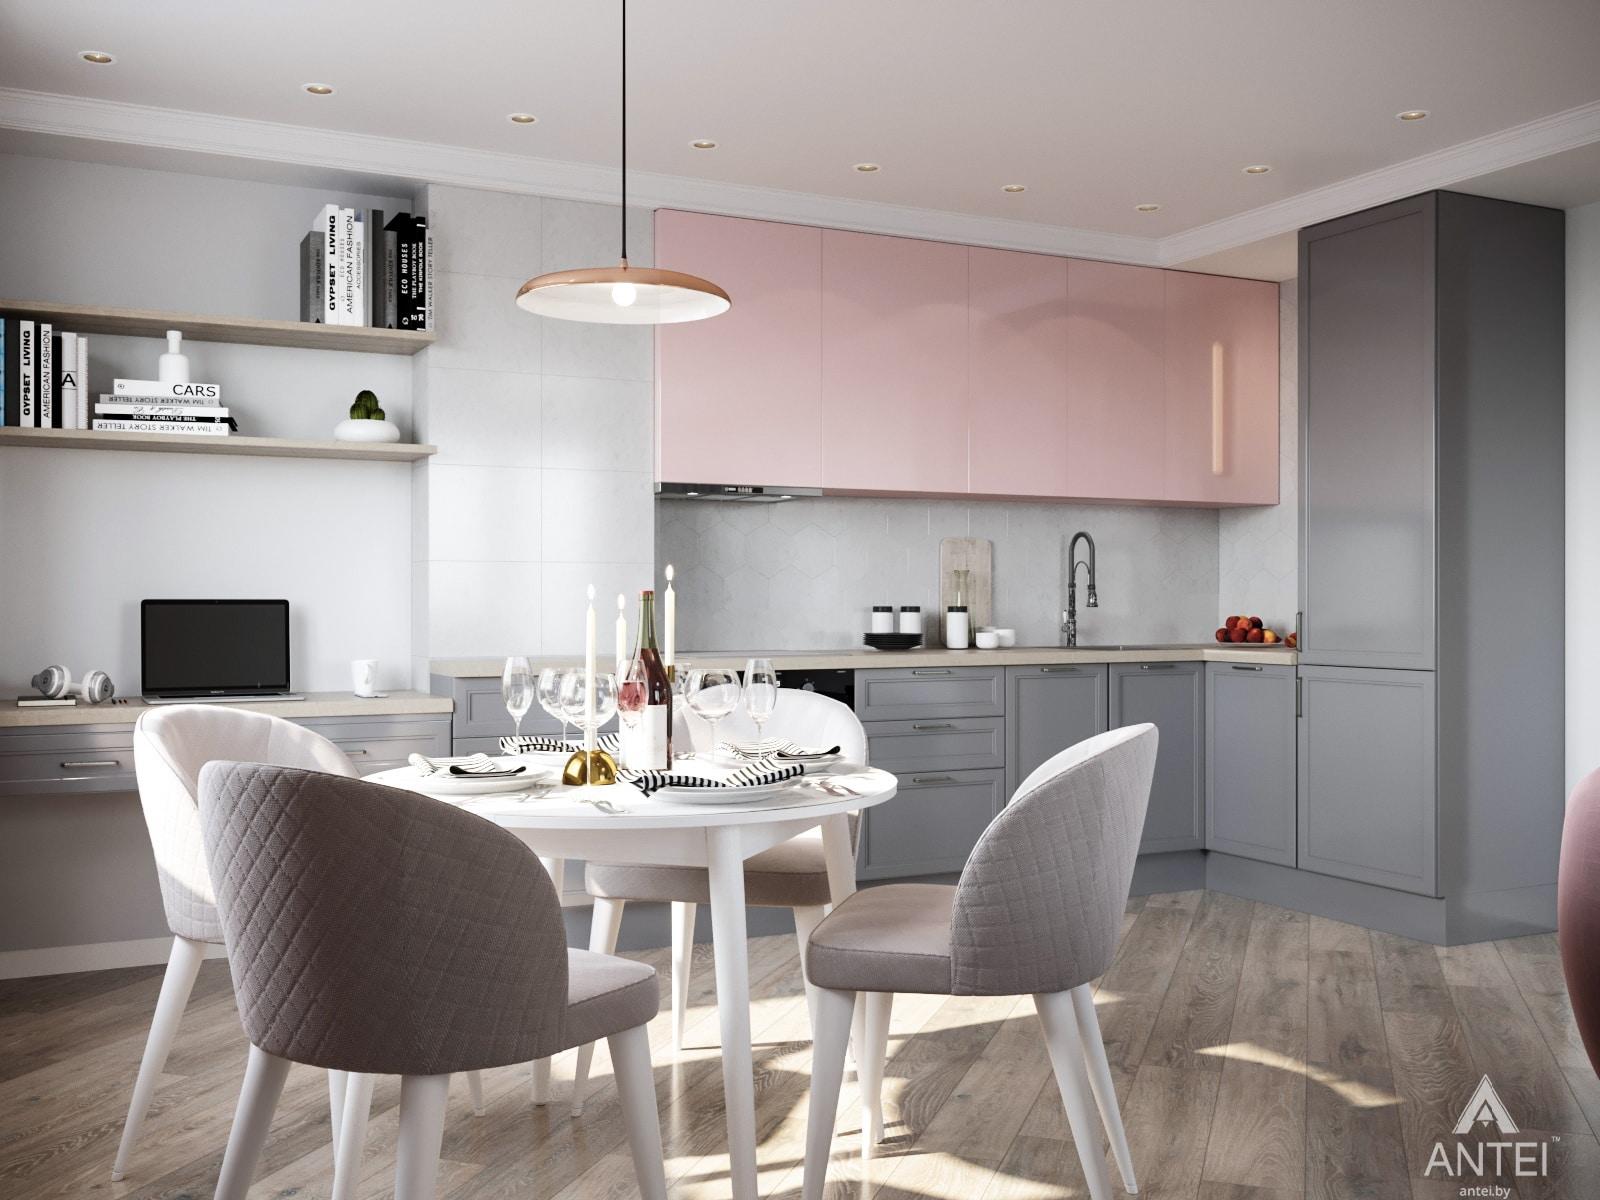 Дизайн интерьера трехкомнатной квартиры в Гомеле, ул. Бородина Т.С. - кухня фото №1